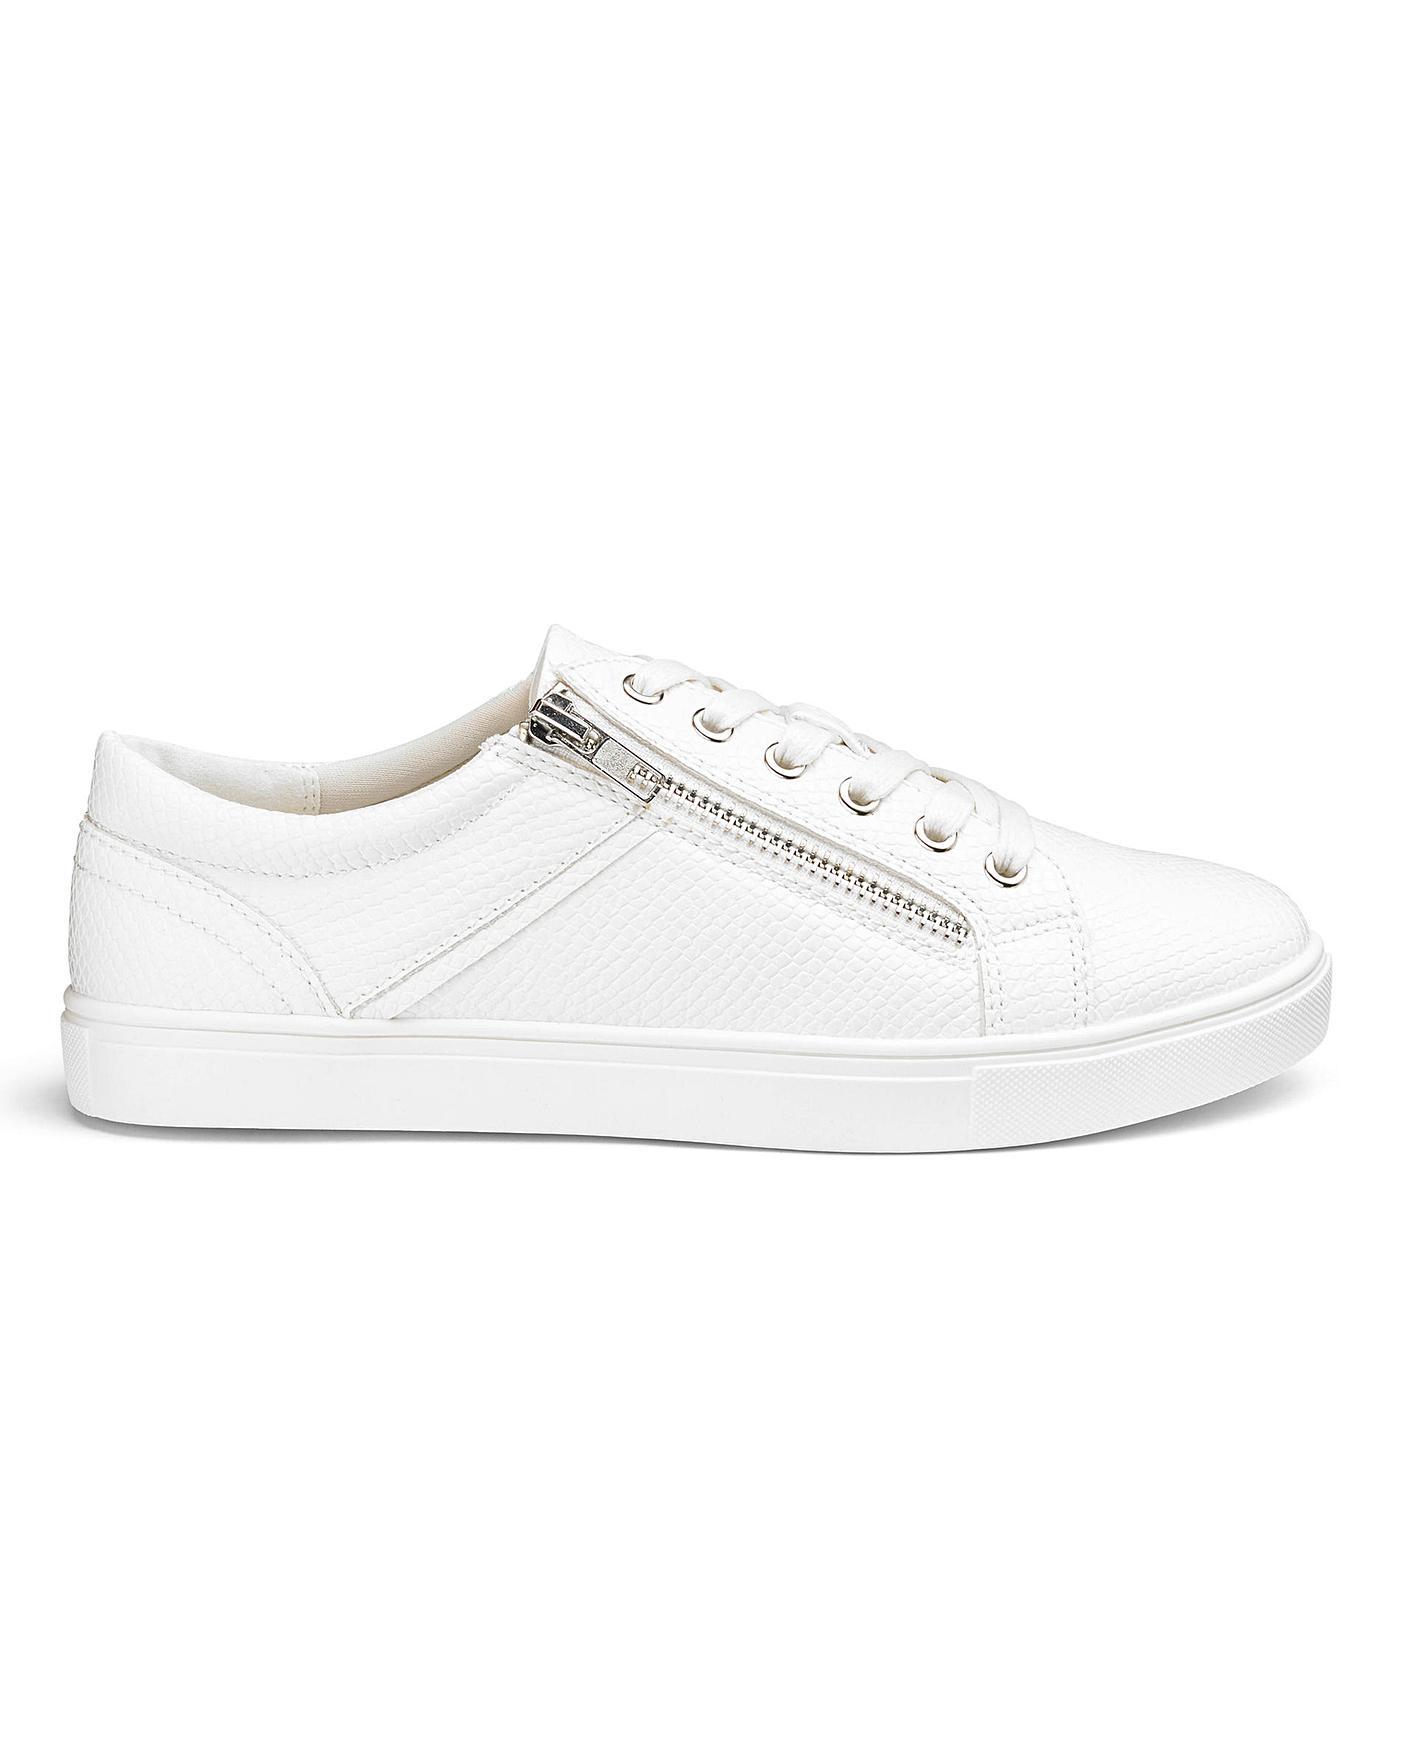 d5a756e4e88 Lace Up Leisure Shoes E Fit